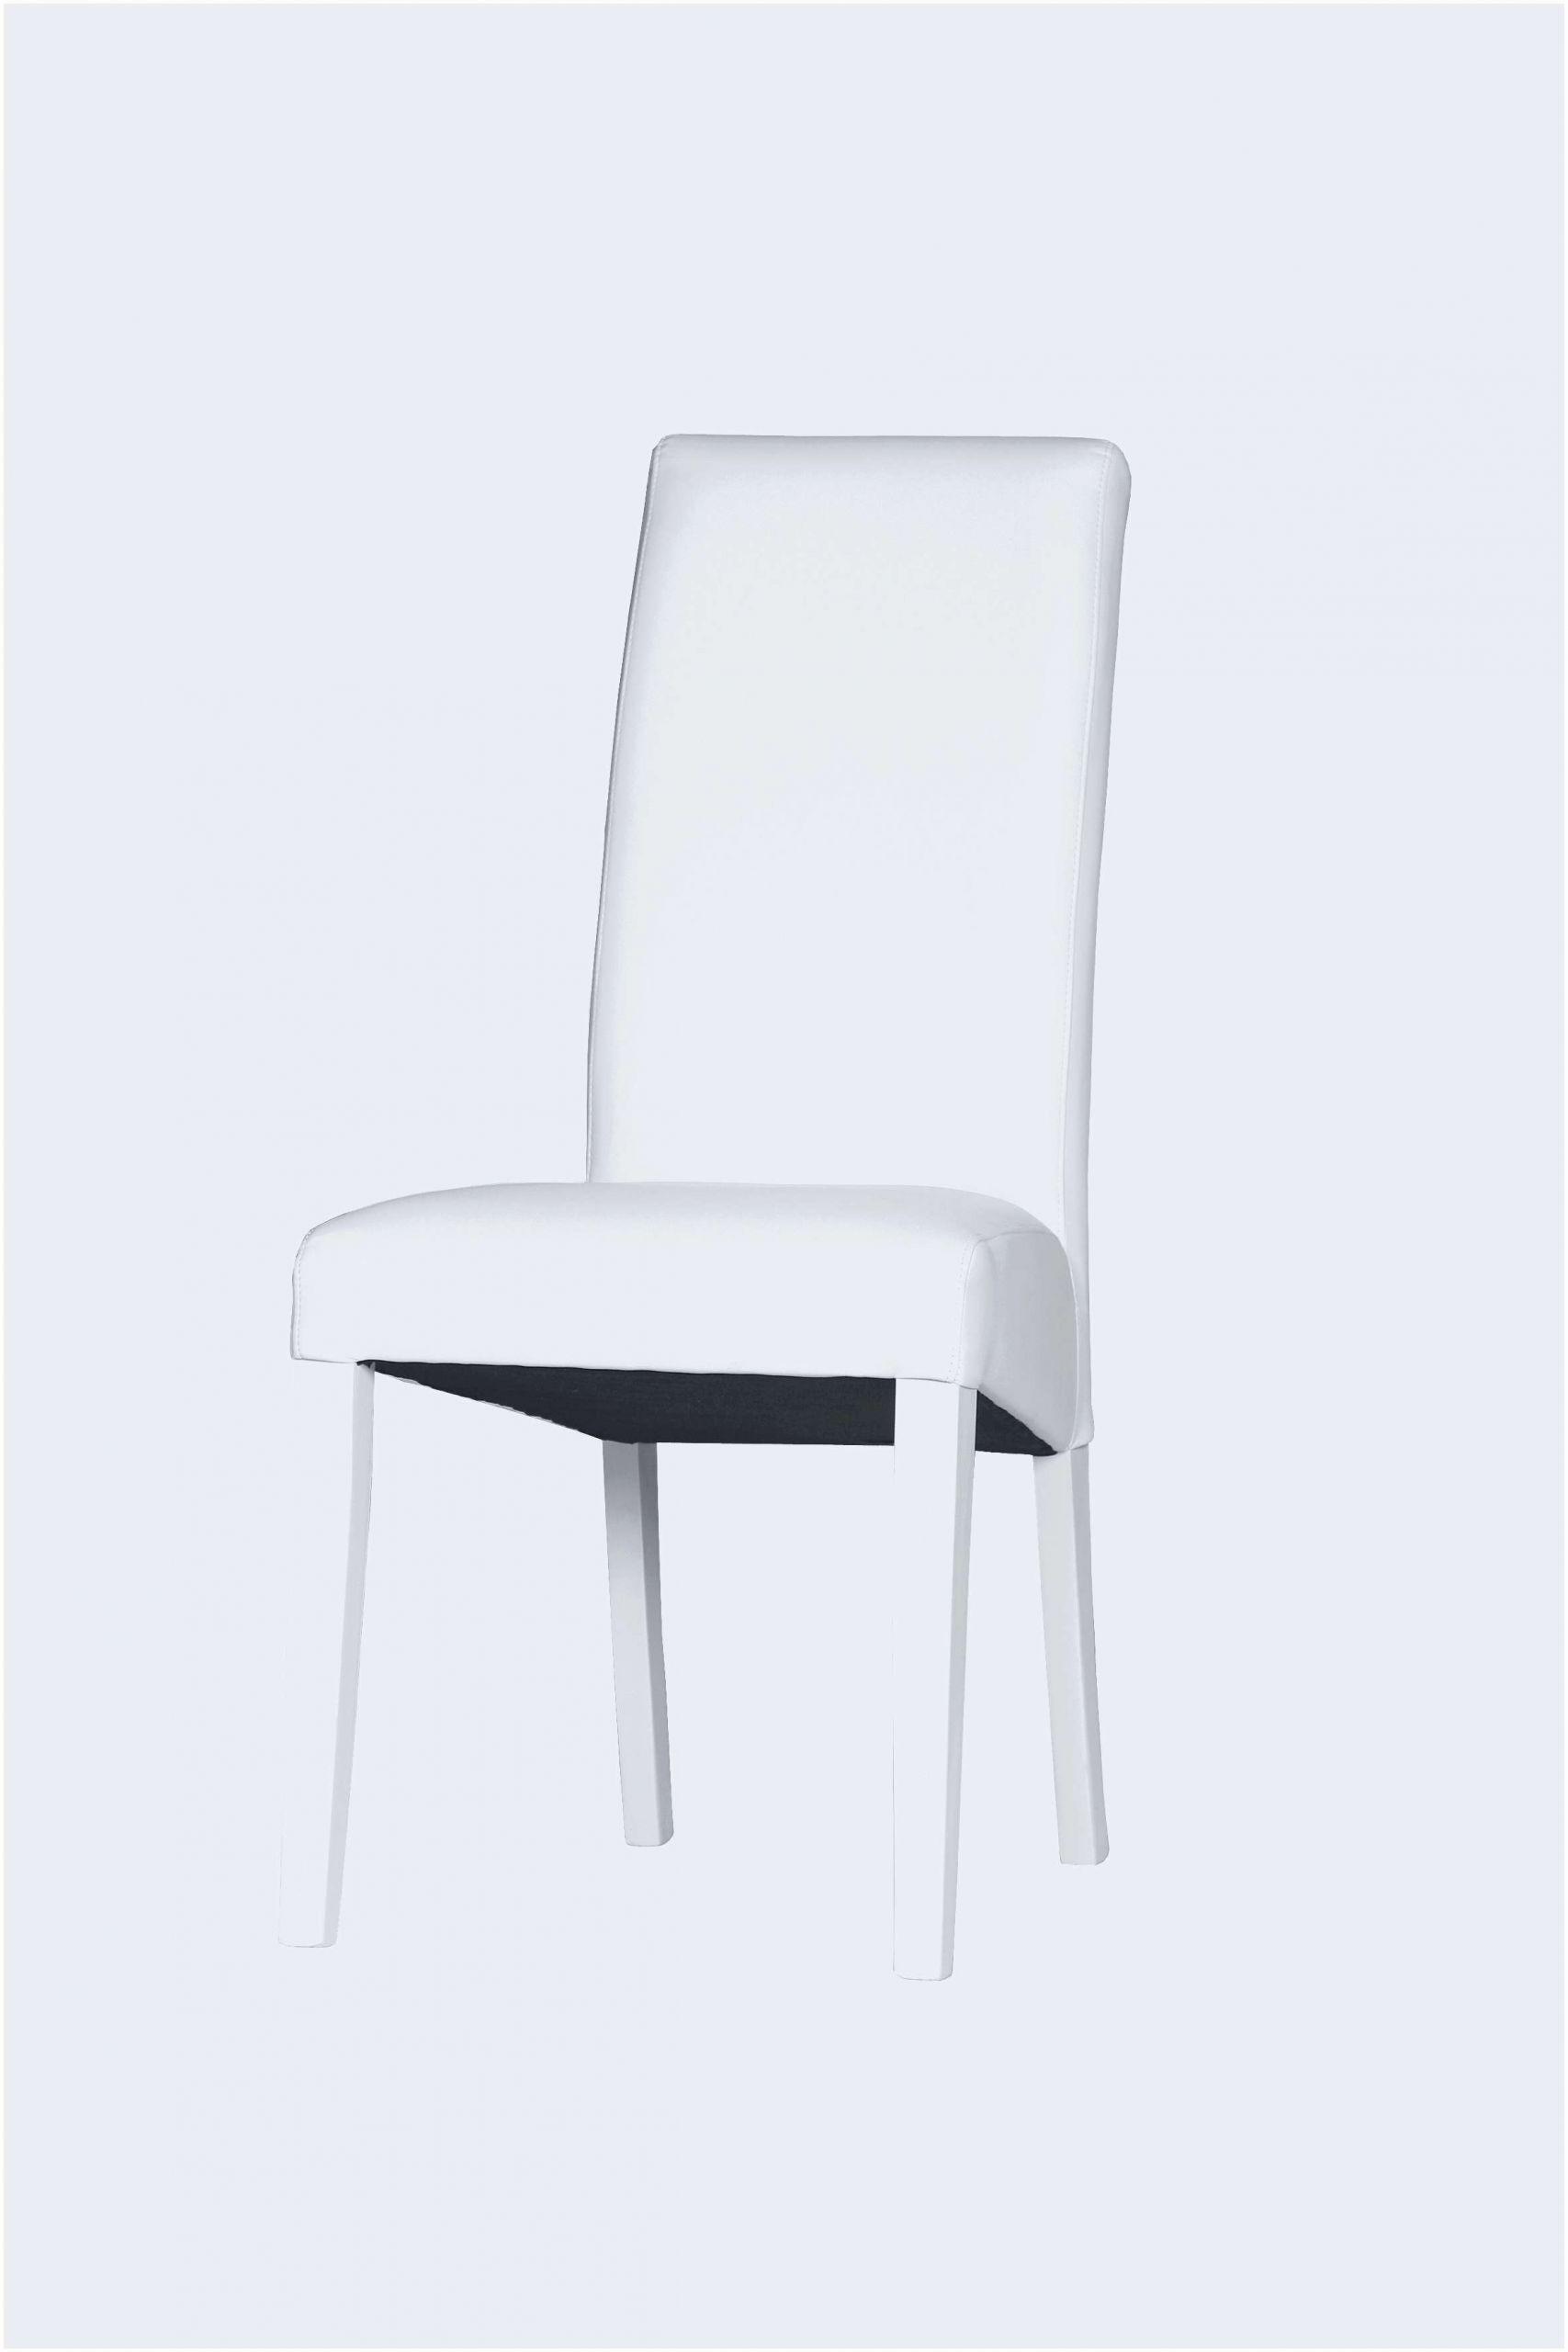 fabriquer un mange debout meilleur de beau mange debout alinea nouveau table haute but alinea chaise 0d of fabriquer un mange debout